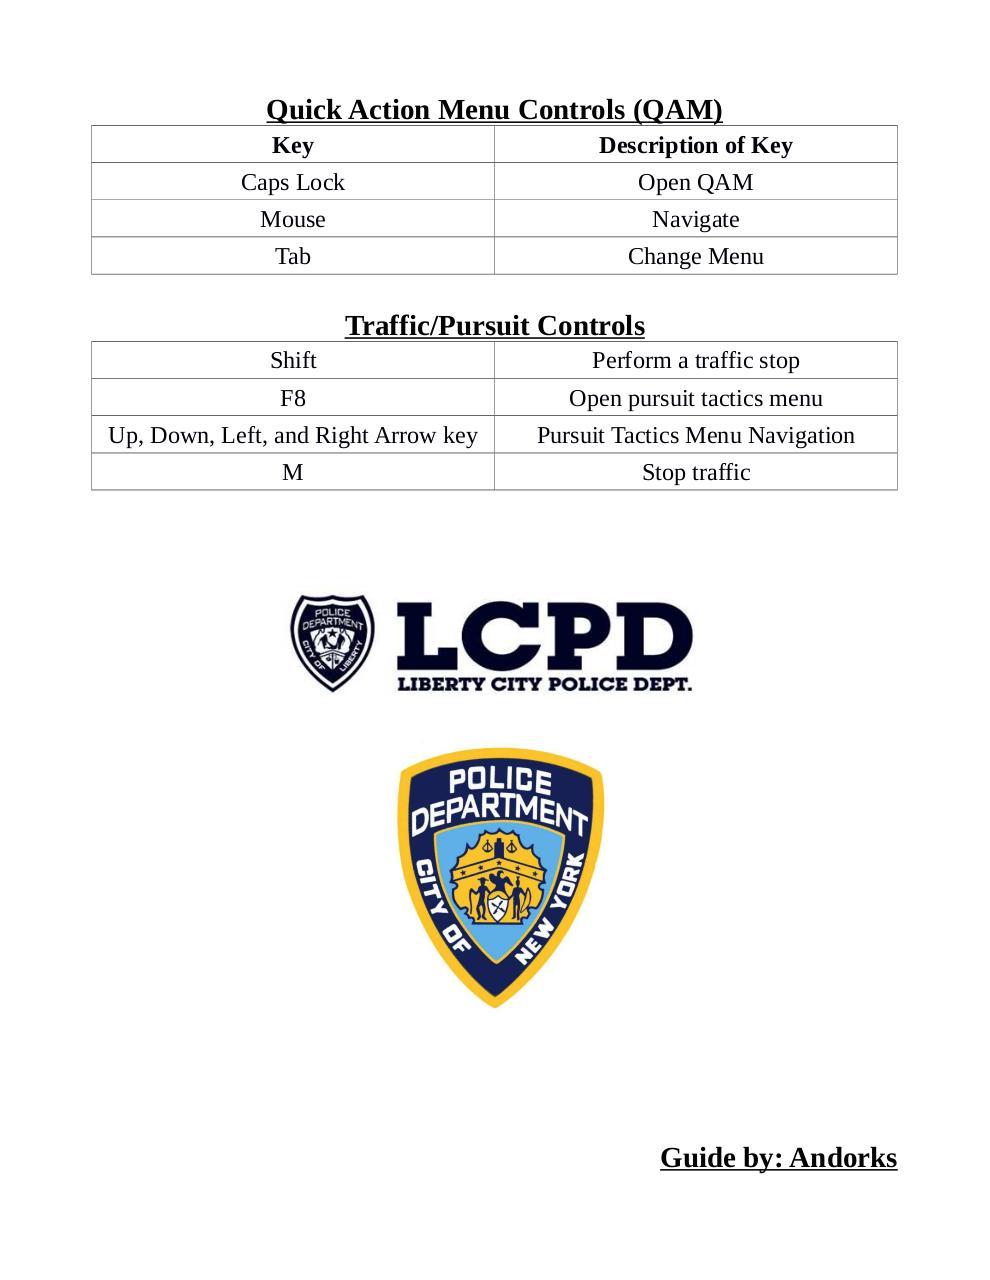 LCPDFR Control List by Andorks - LCPDFR Control List 2 pdf